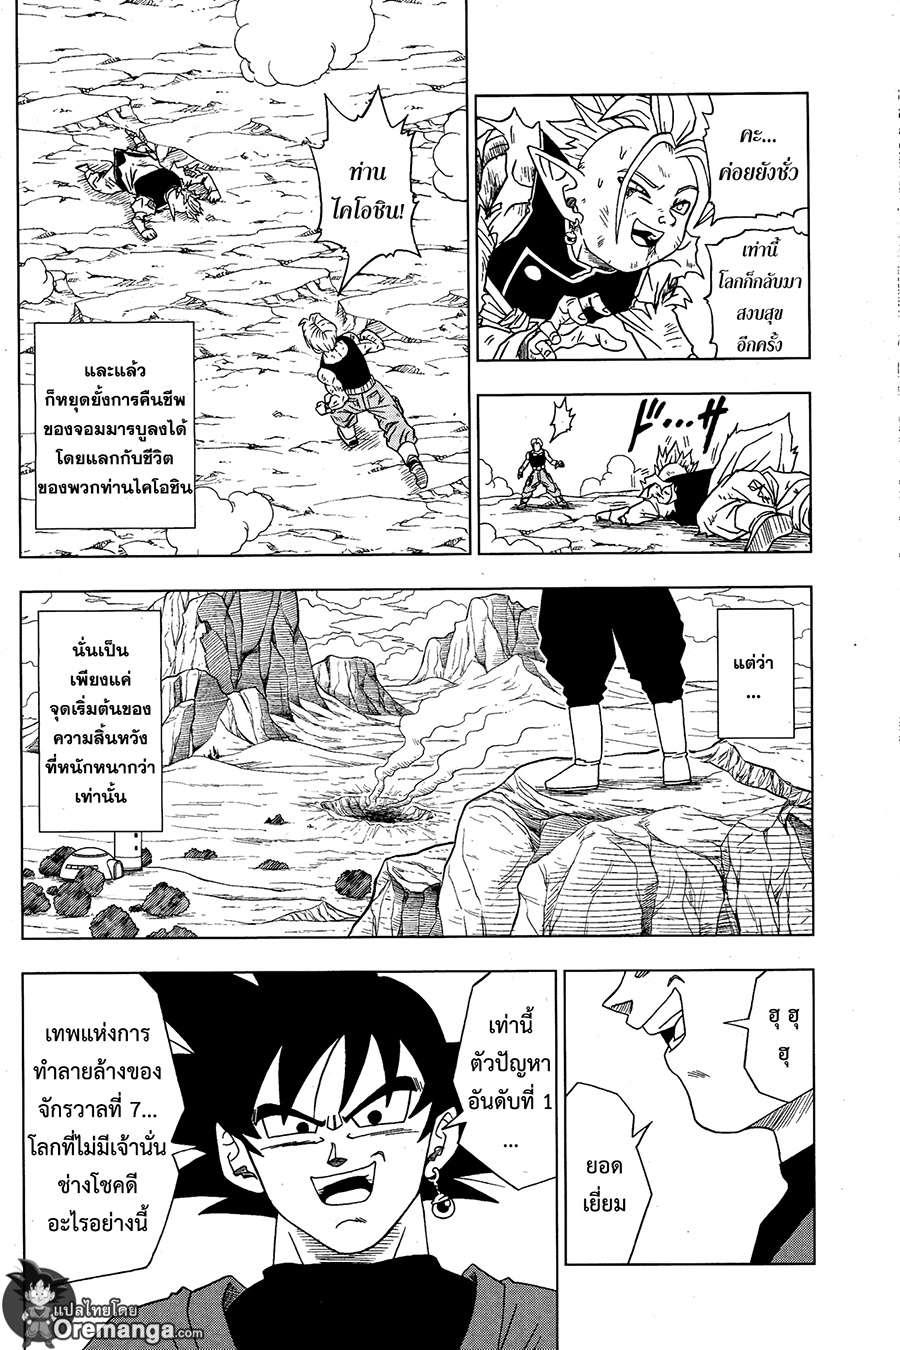 อ่านการ์ตูน Dragonball Super ตอนที่ 16 หน้าที่ 16